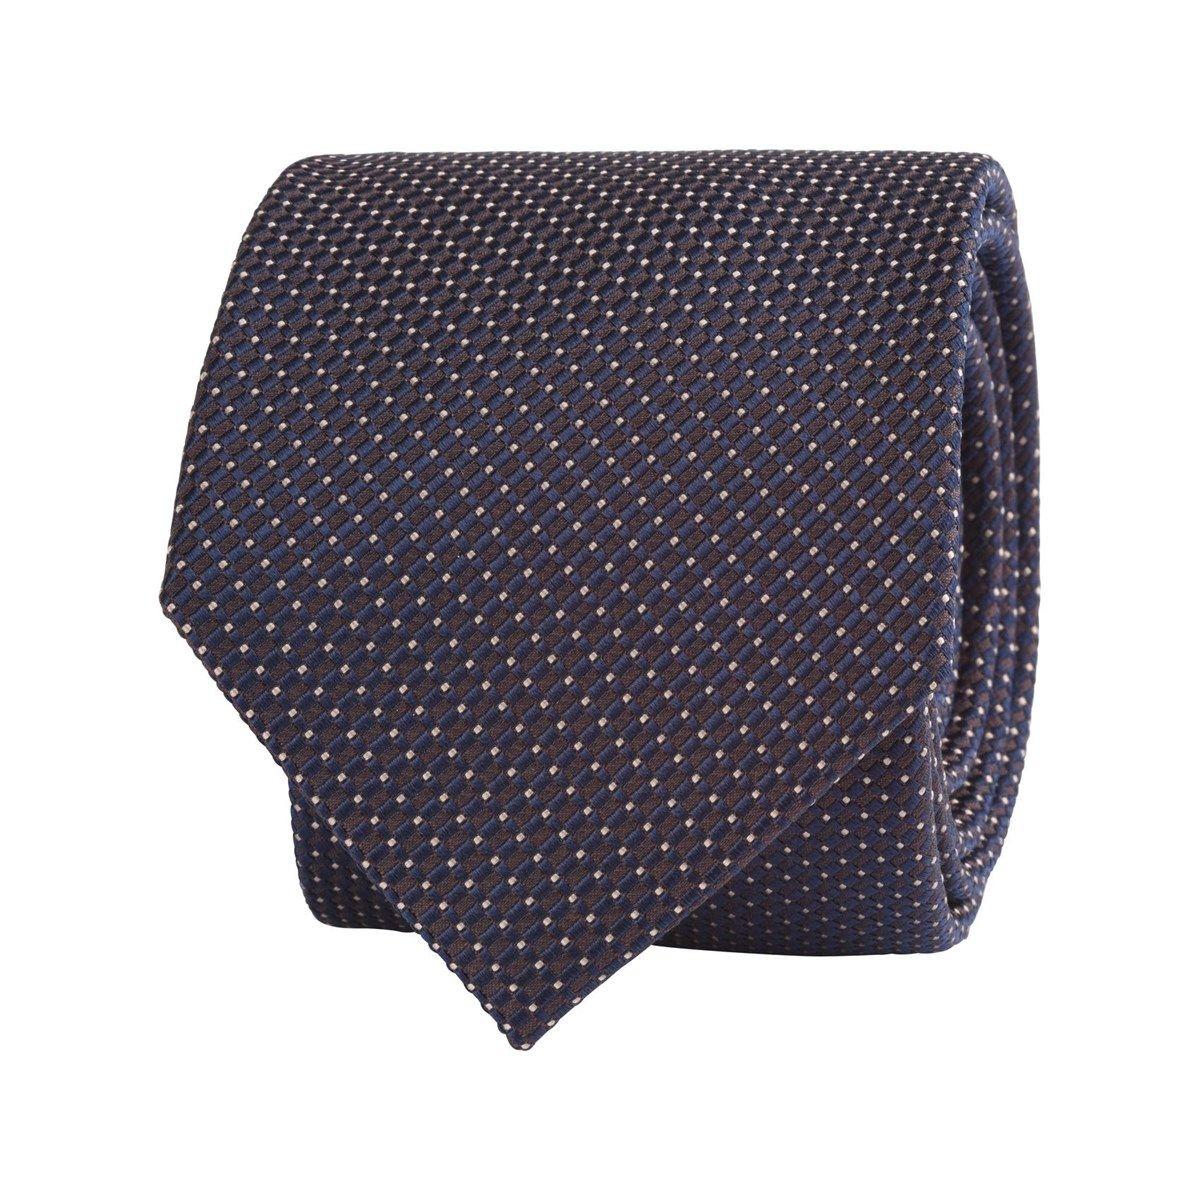 Cravate 100% soie micro motif